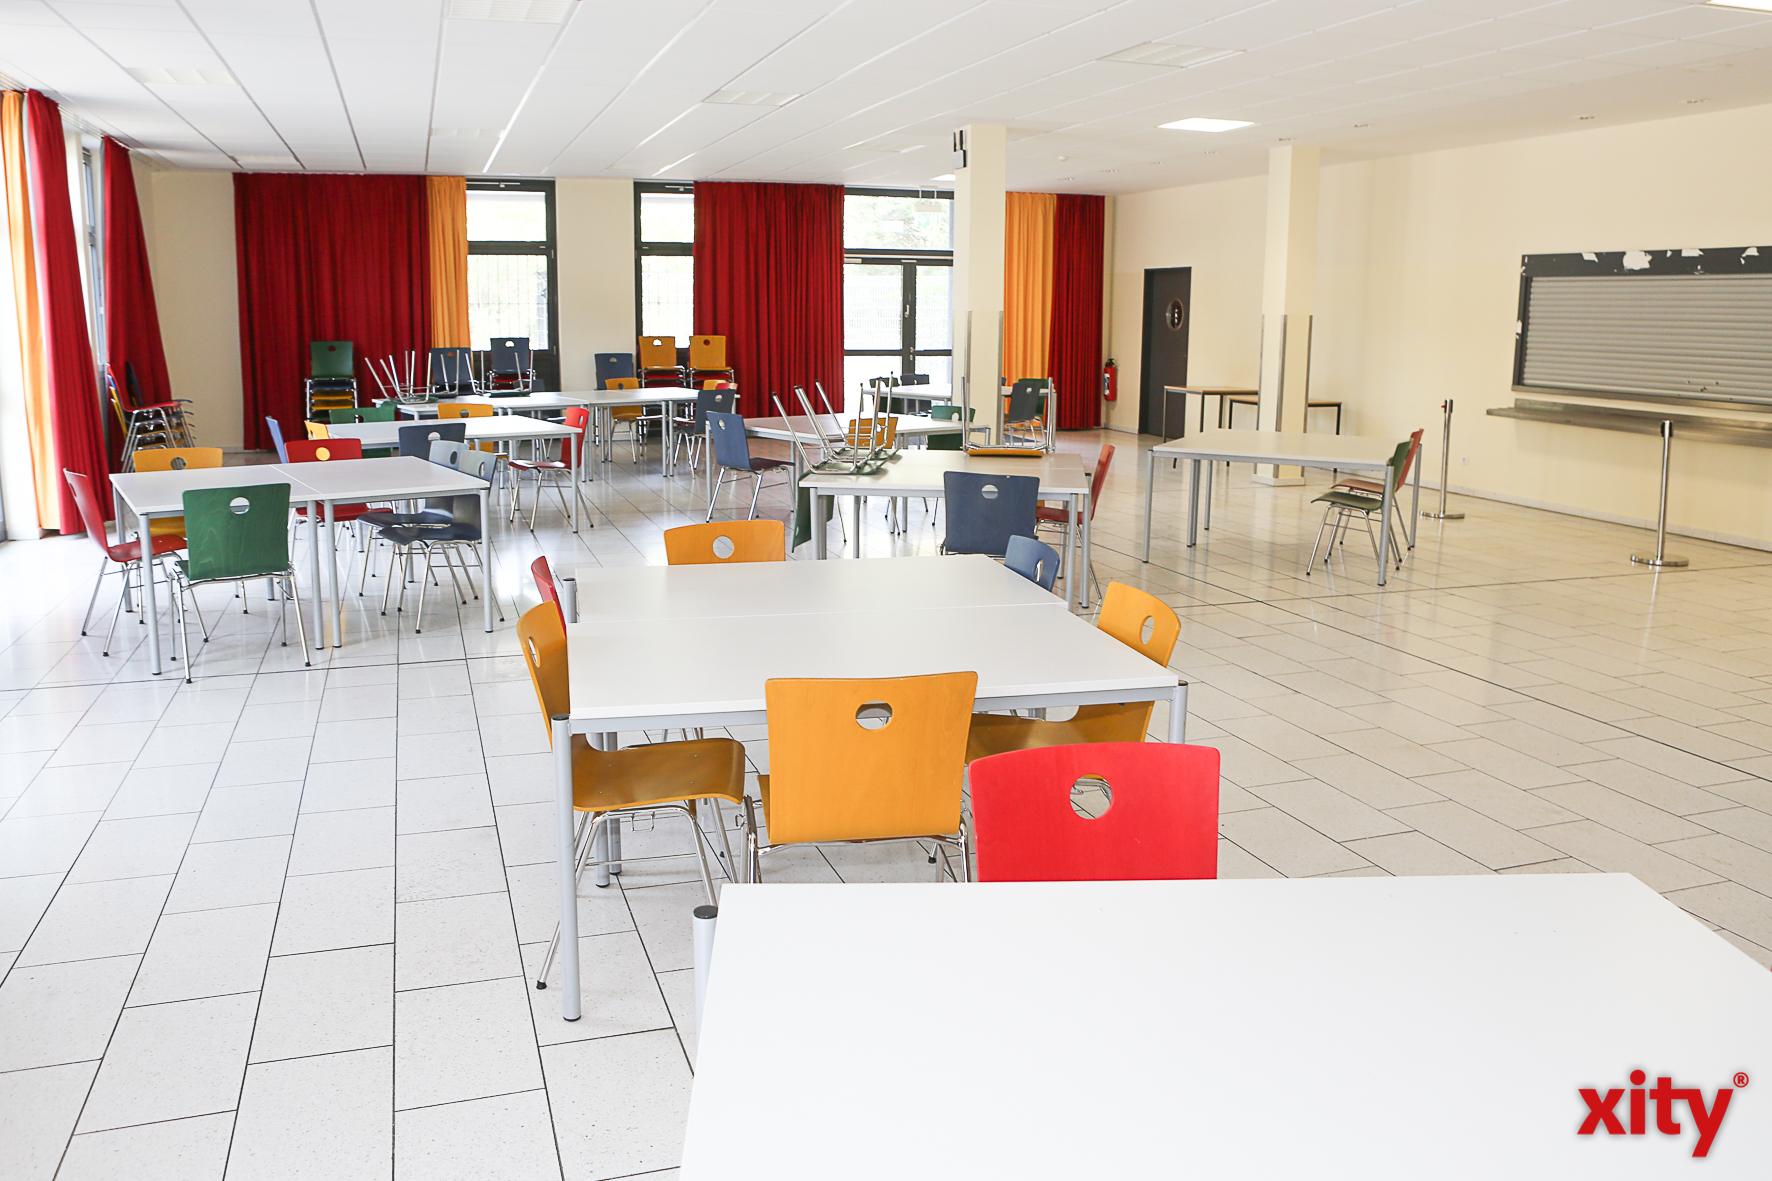 In der neuen Dependance ist genug Platz für die rund 210 Schülerinnen und Schüler (Foto: xity)